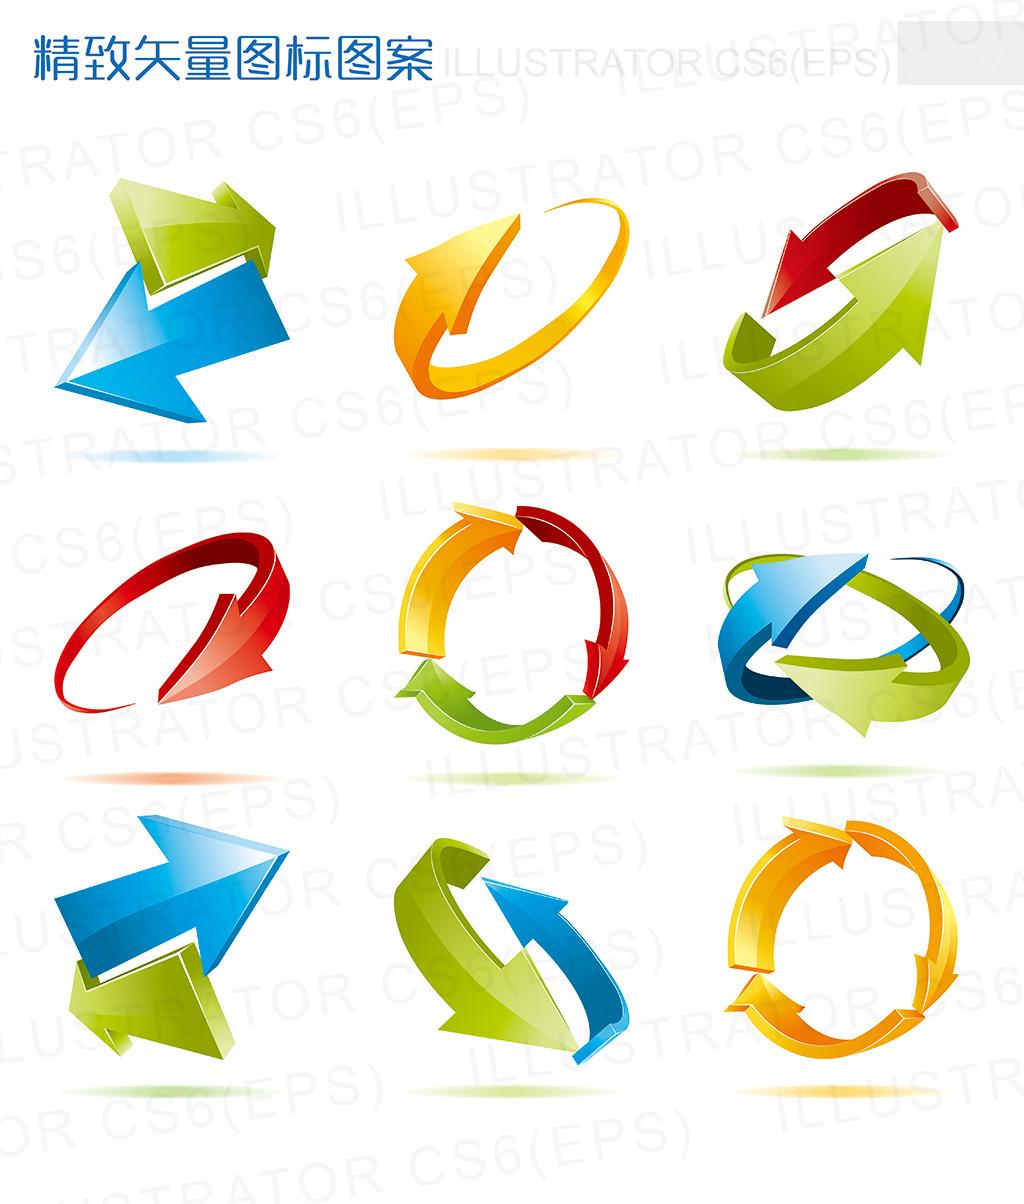 3d立体图标设计图片下载手机主题图标 扁平化图标按钮图标 餐饮图标图片